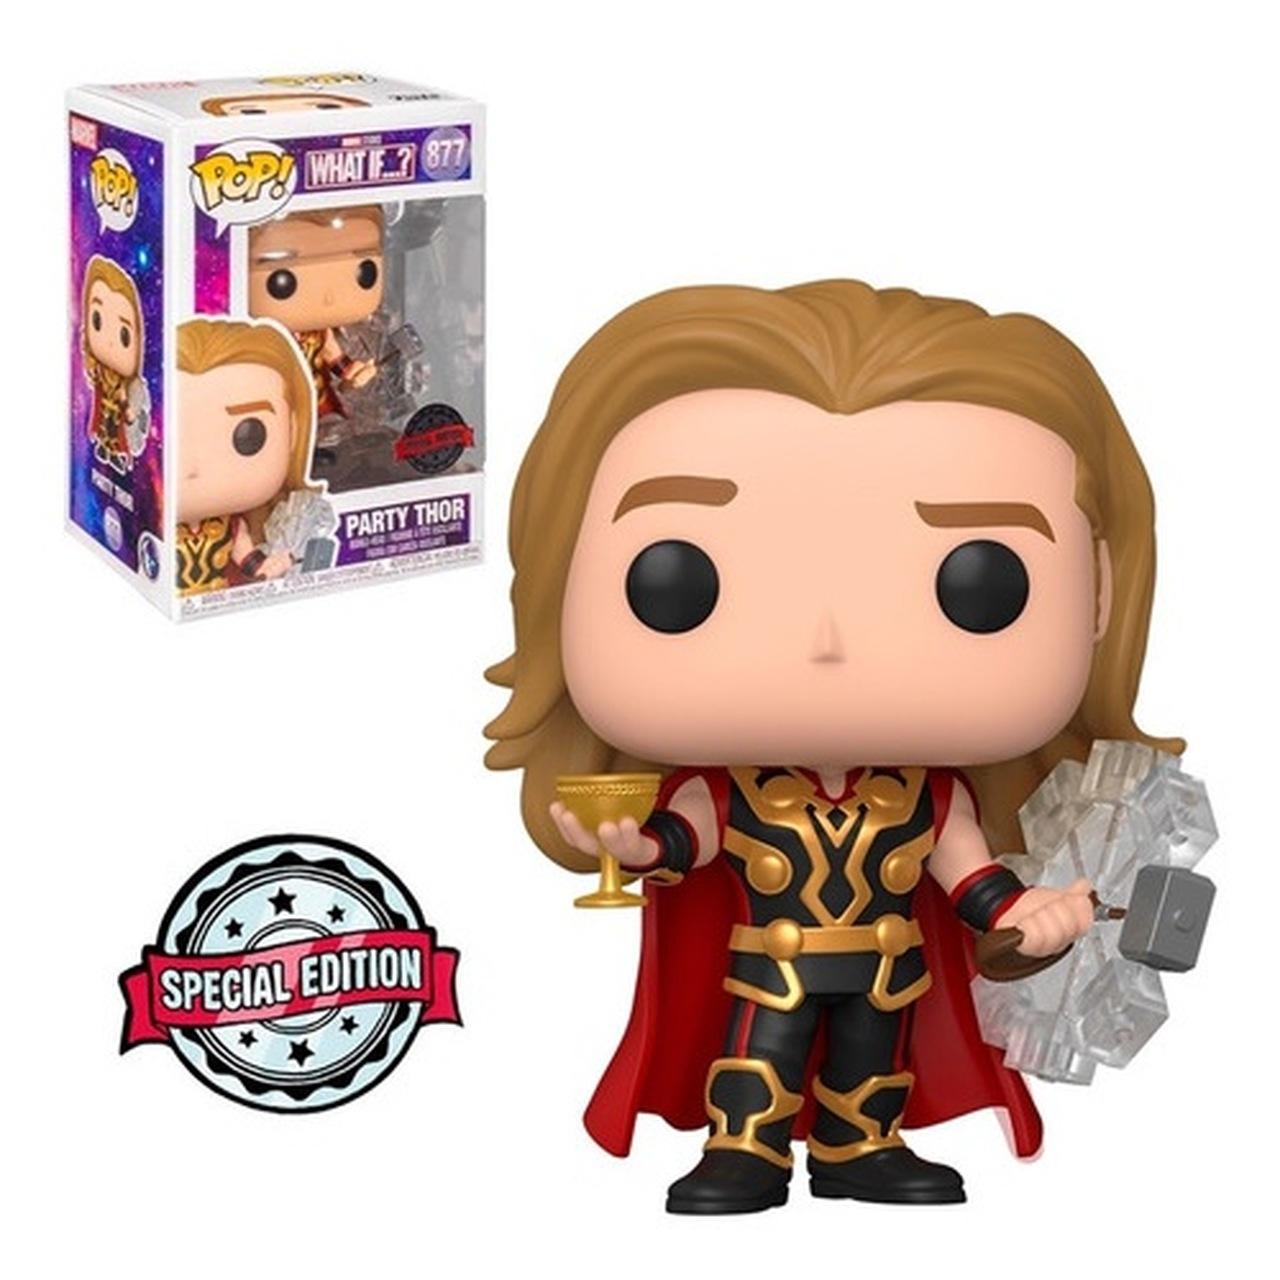 Funko Pop! Thor Festa Party Thor: What If...? Marvel Disney+ Edição Especial Special Edition #877 - Funko